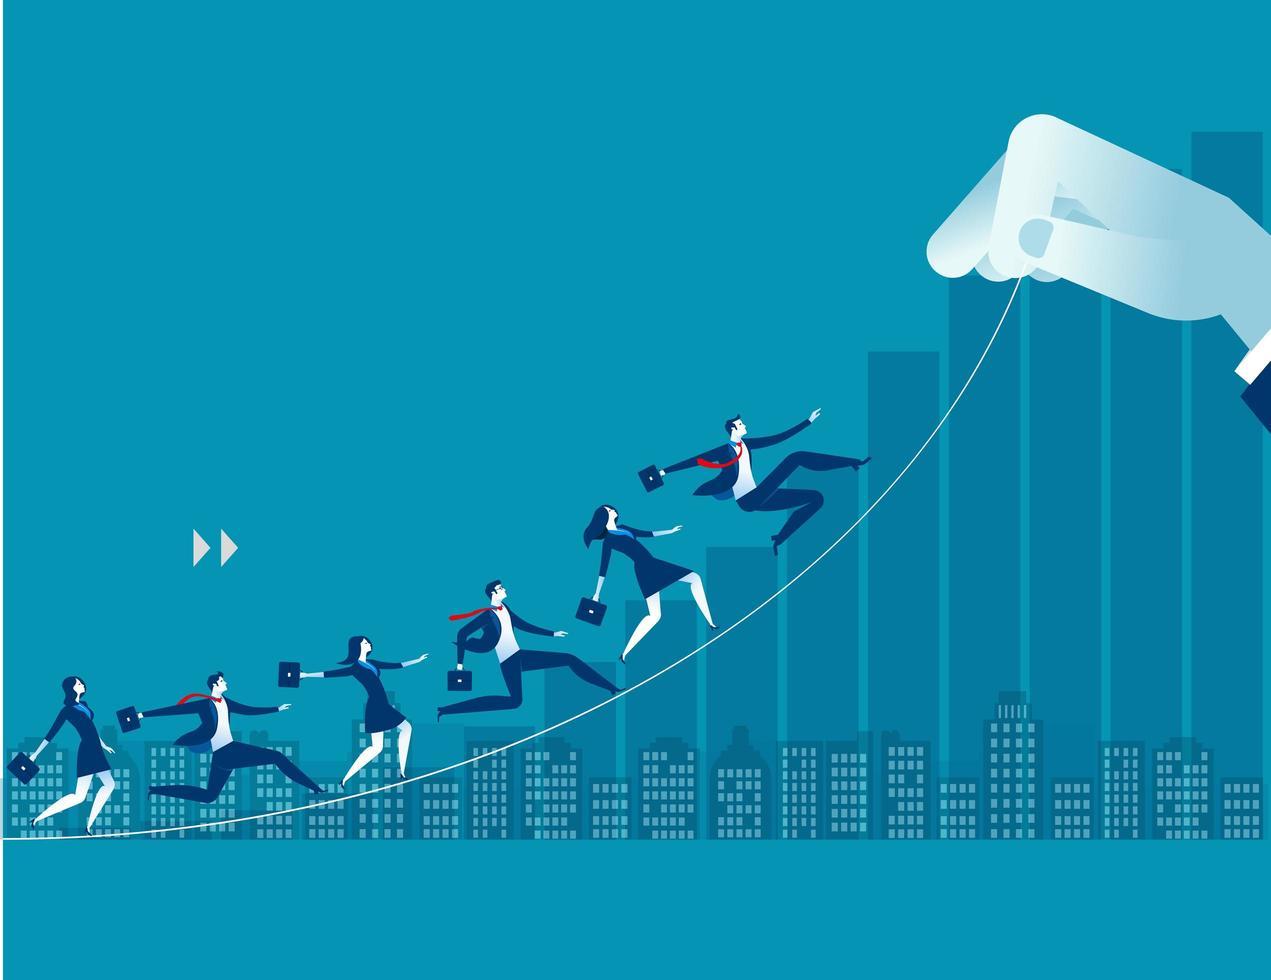 Persone di affari che corrono verso l'alto verso l'obiettivo vettore